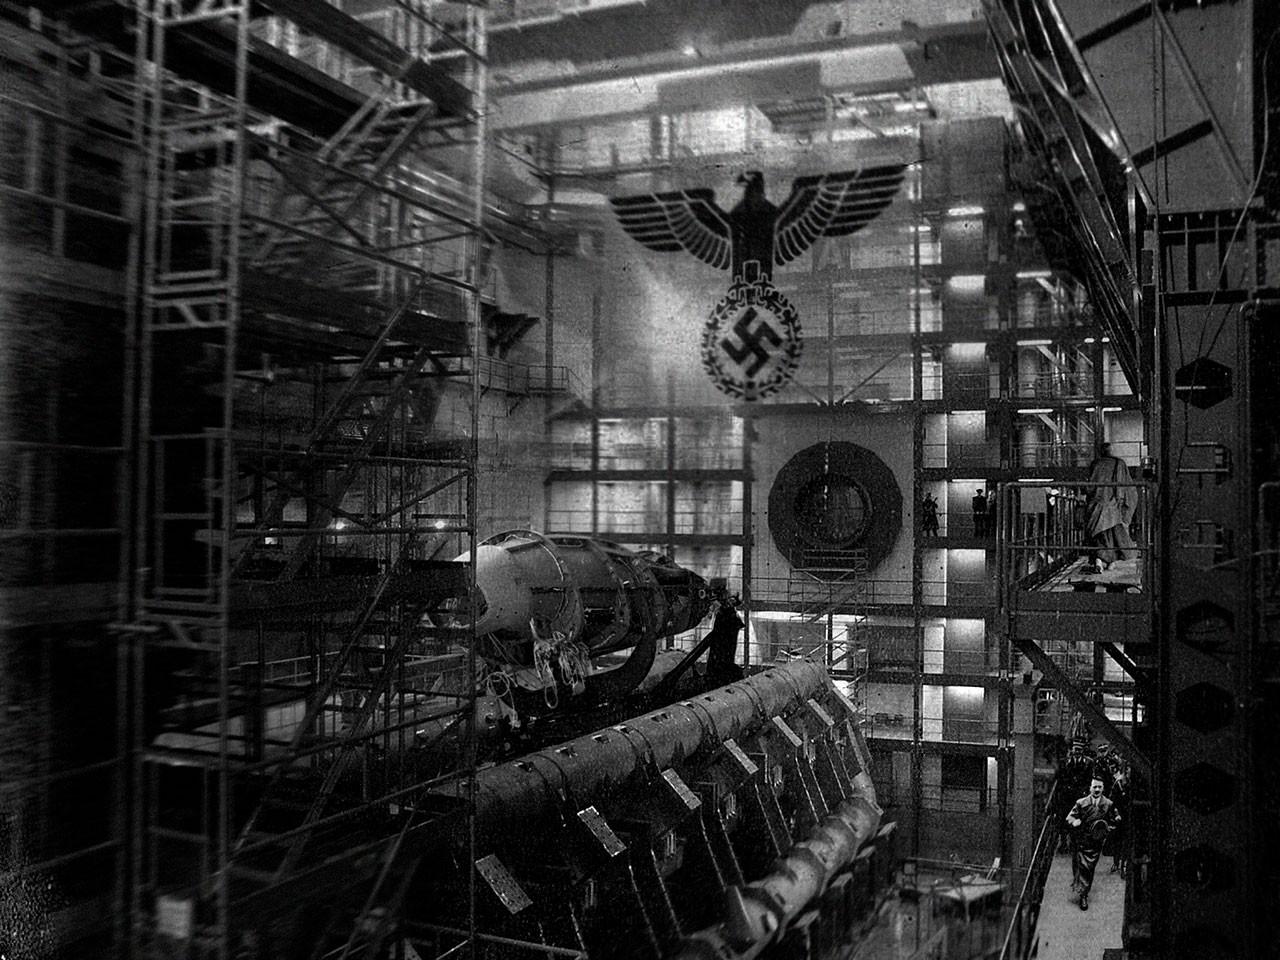 Секретная база нацистов «Новая Швабия» найдена вАнтарктиде